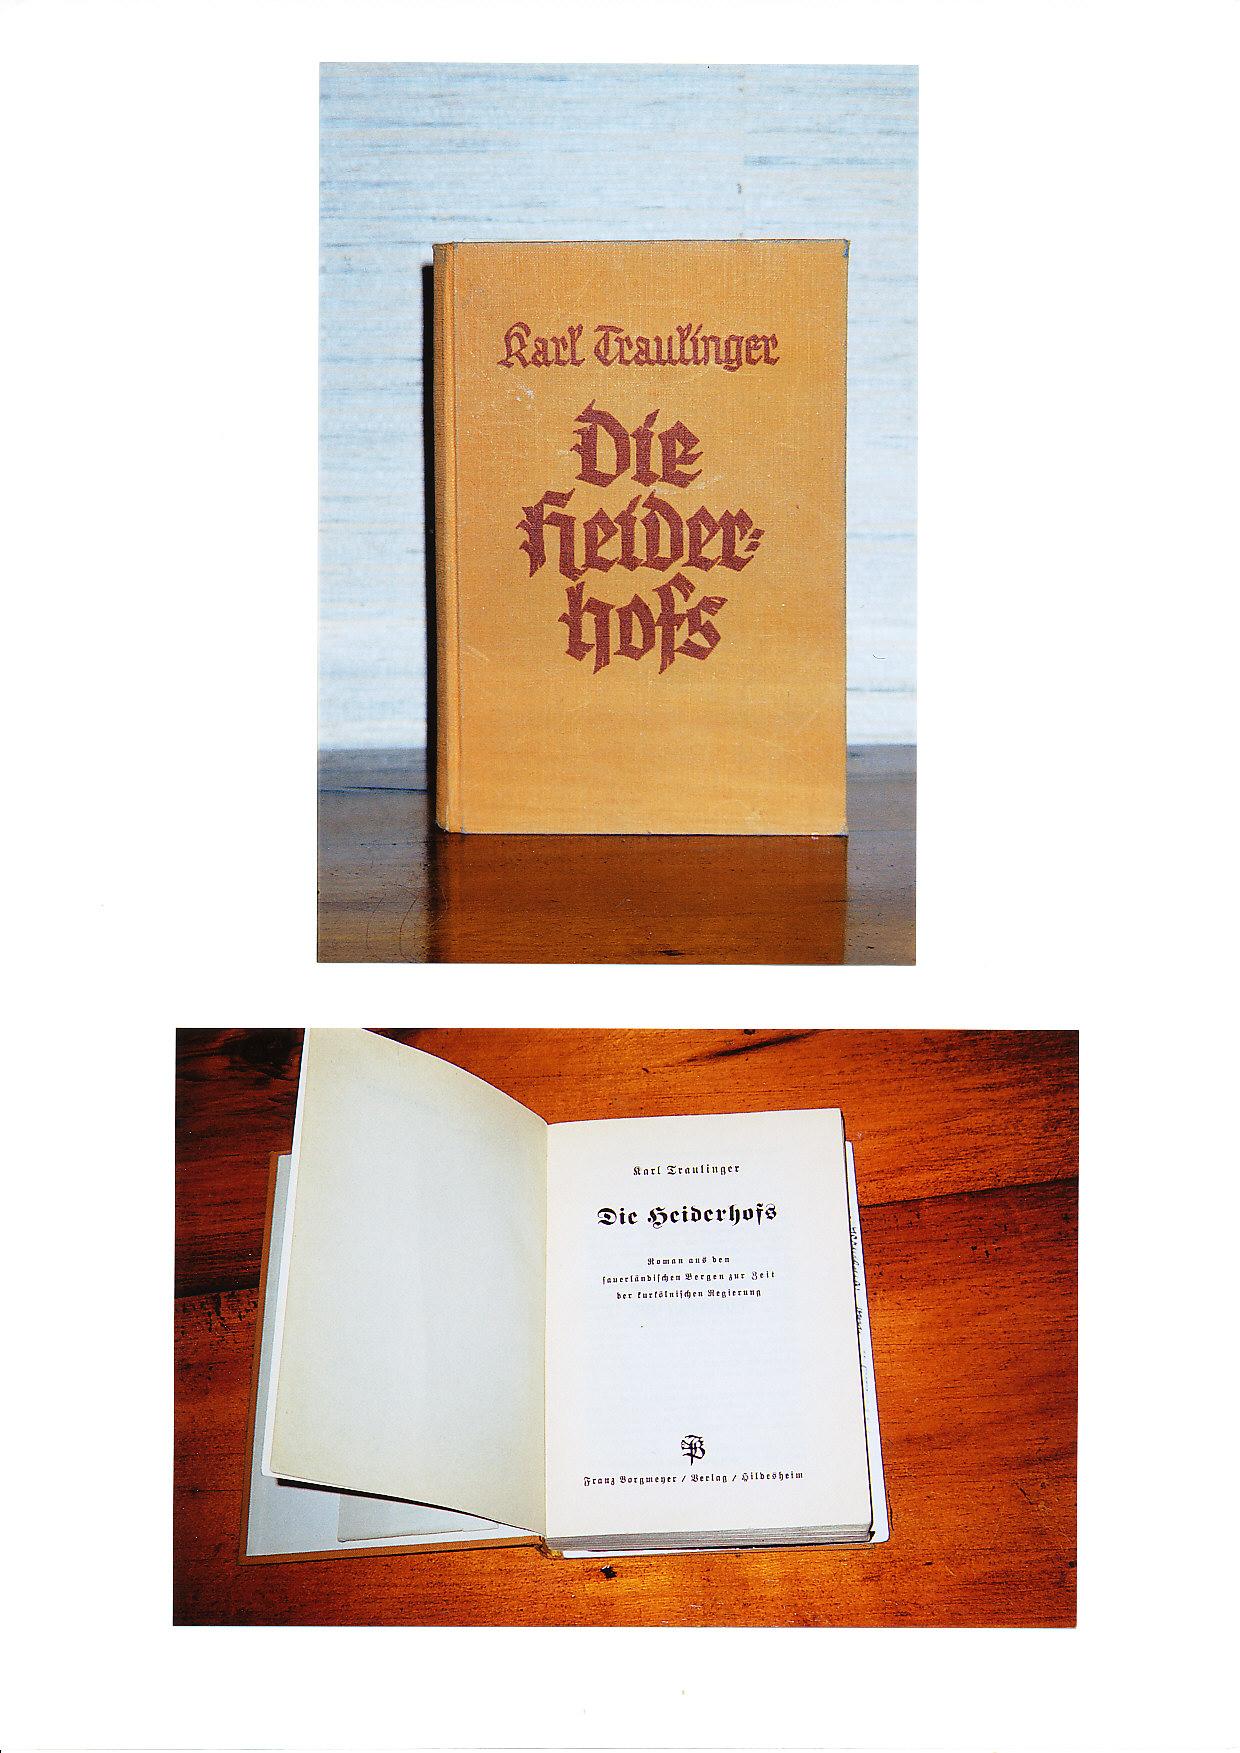 Copertina e frontespizio del romanzo storico scritto da Carlo Travaglini nel 1935.